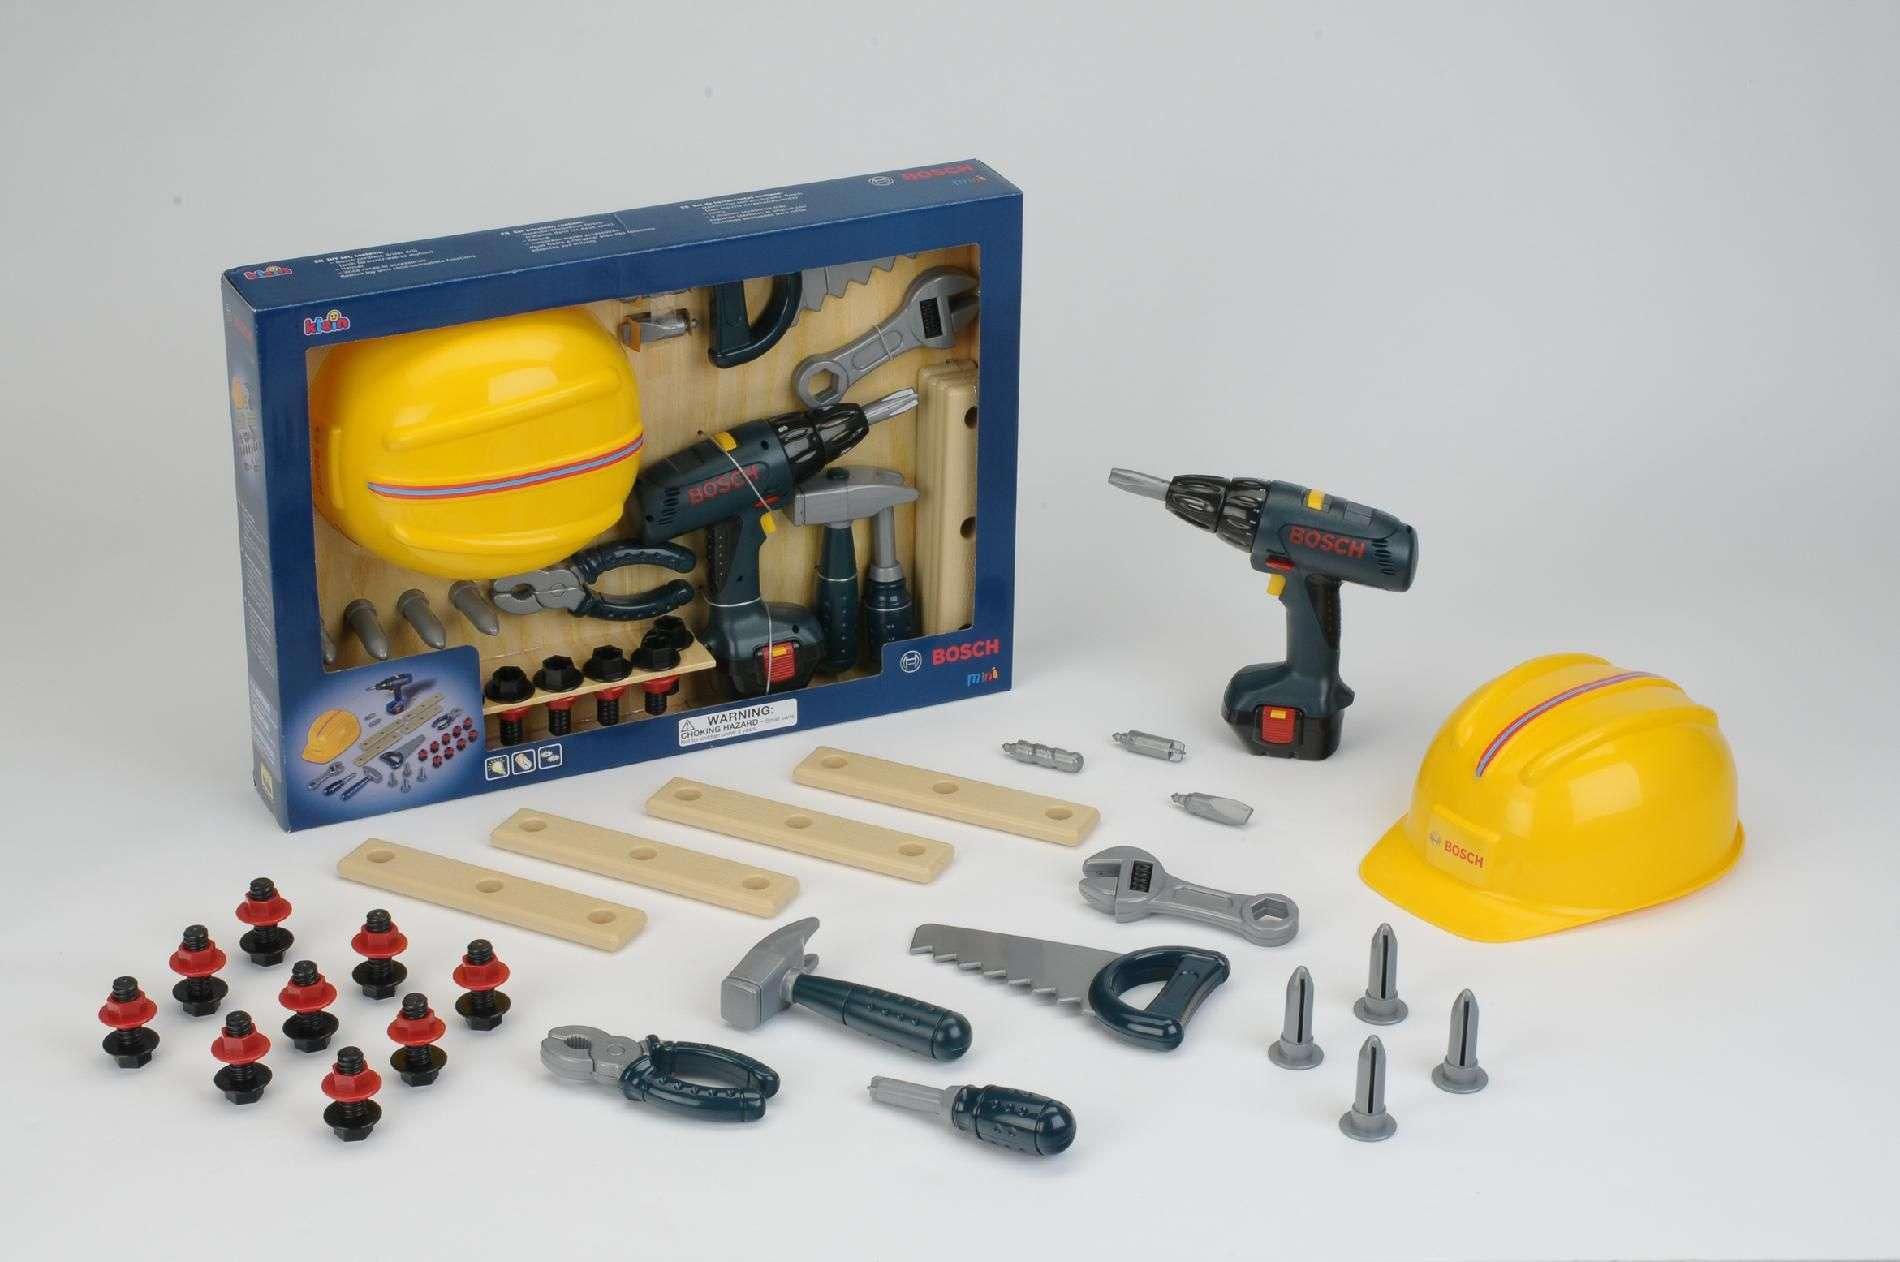 Bosch Pcs Set Includes Helmet Drill